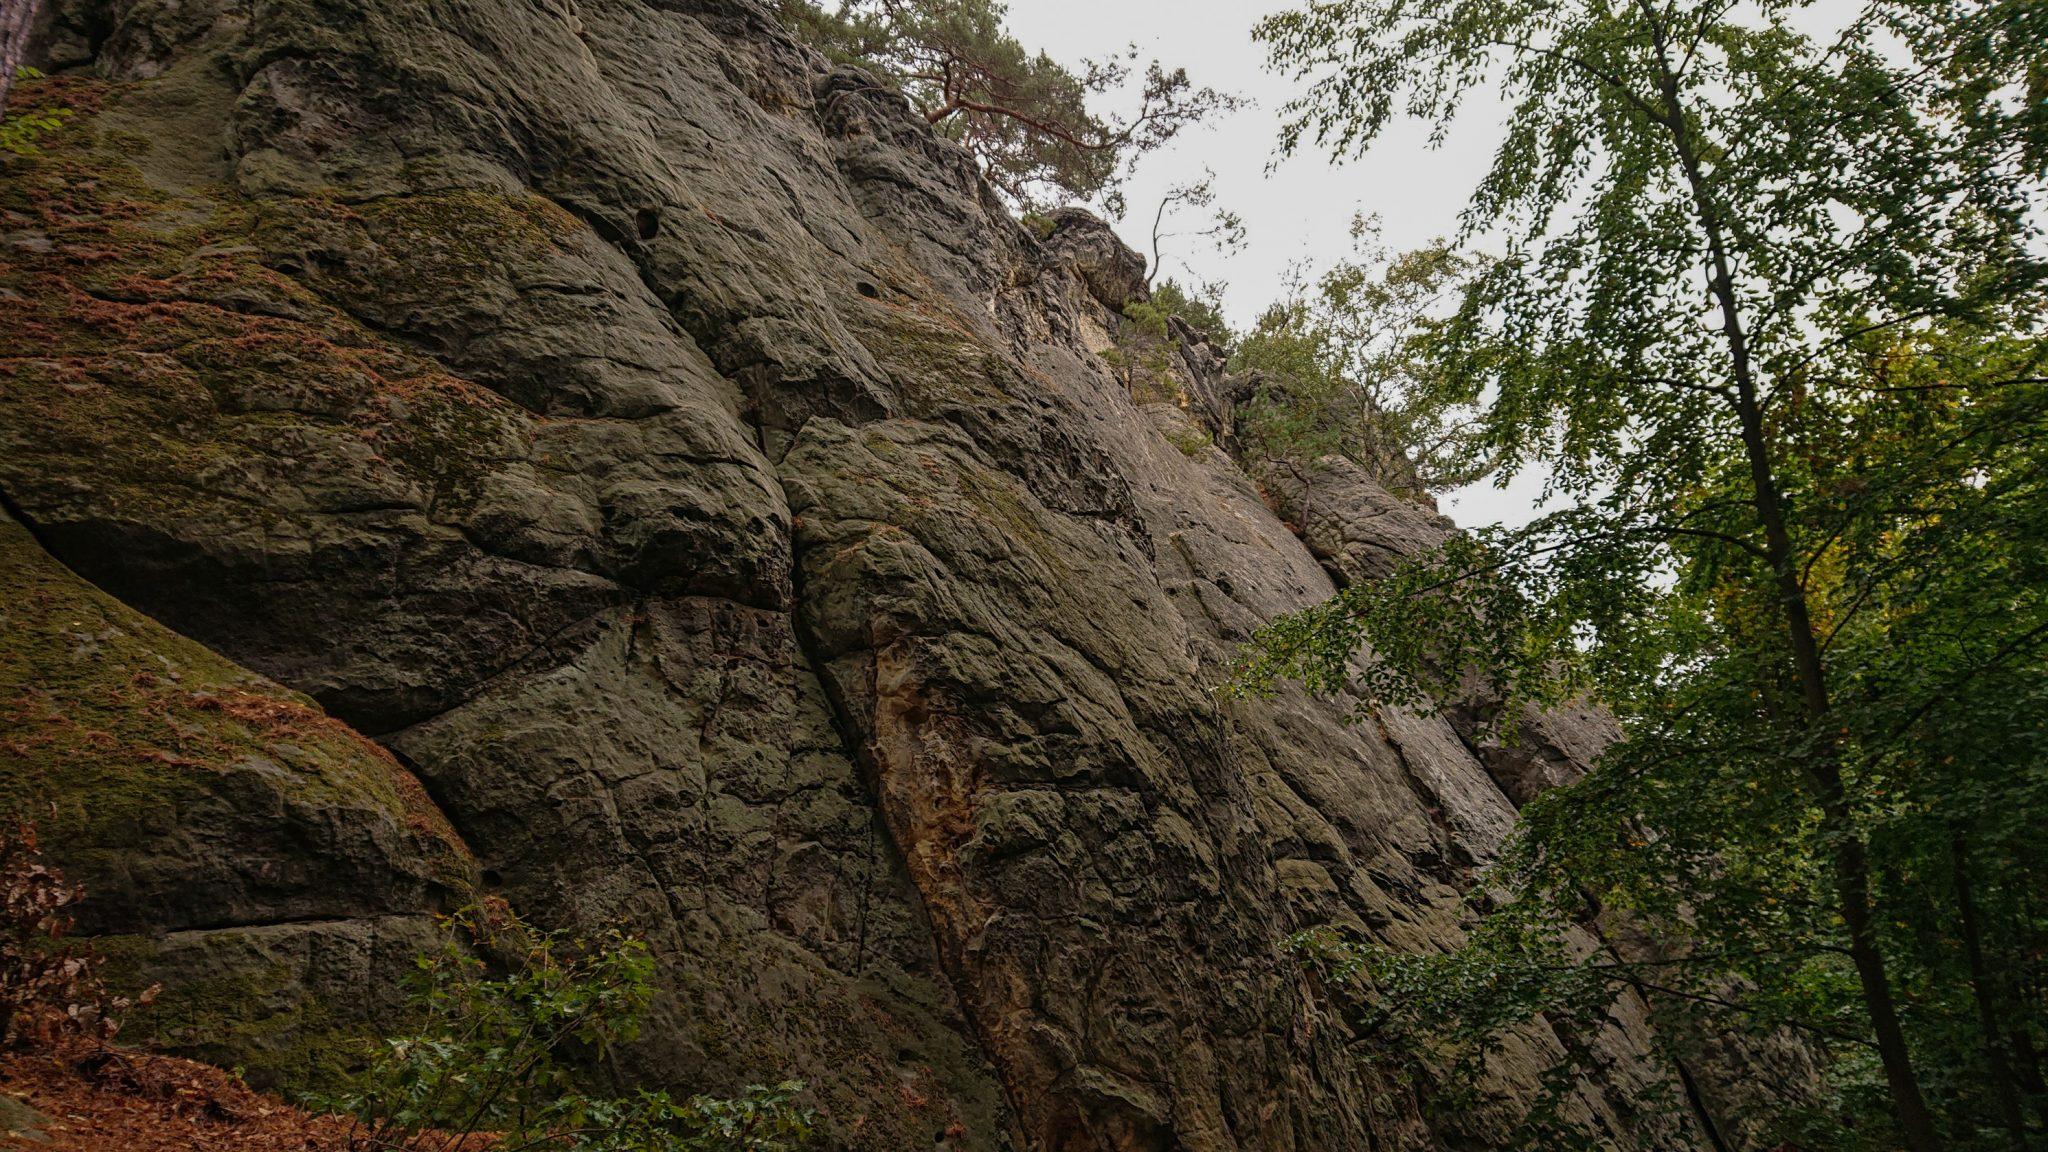 Rundwanderung auf der Blankenburger Teufelsmauer, riesige Felsformation und Beginn des angrenzenden Laubwaldes